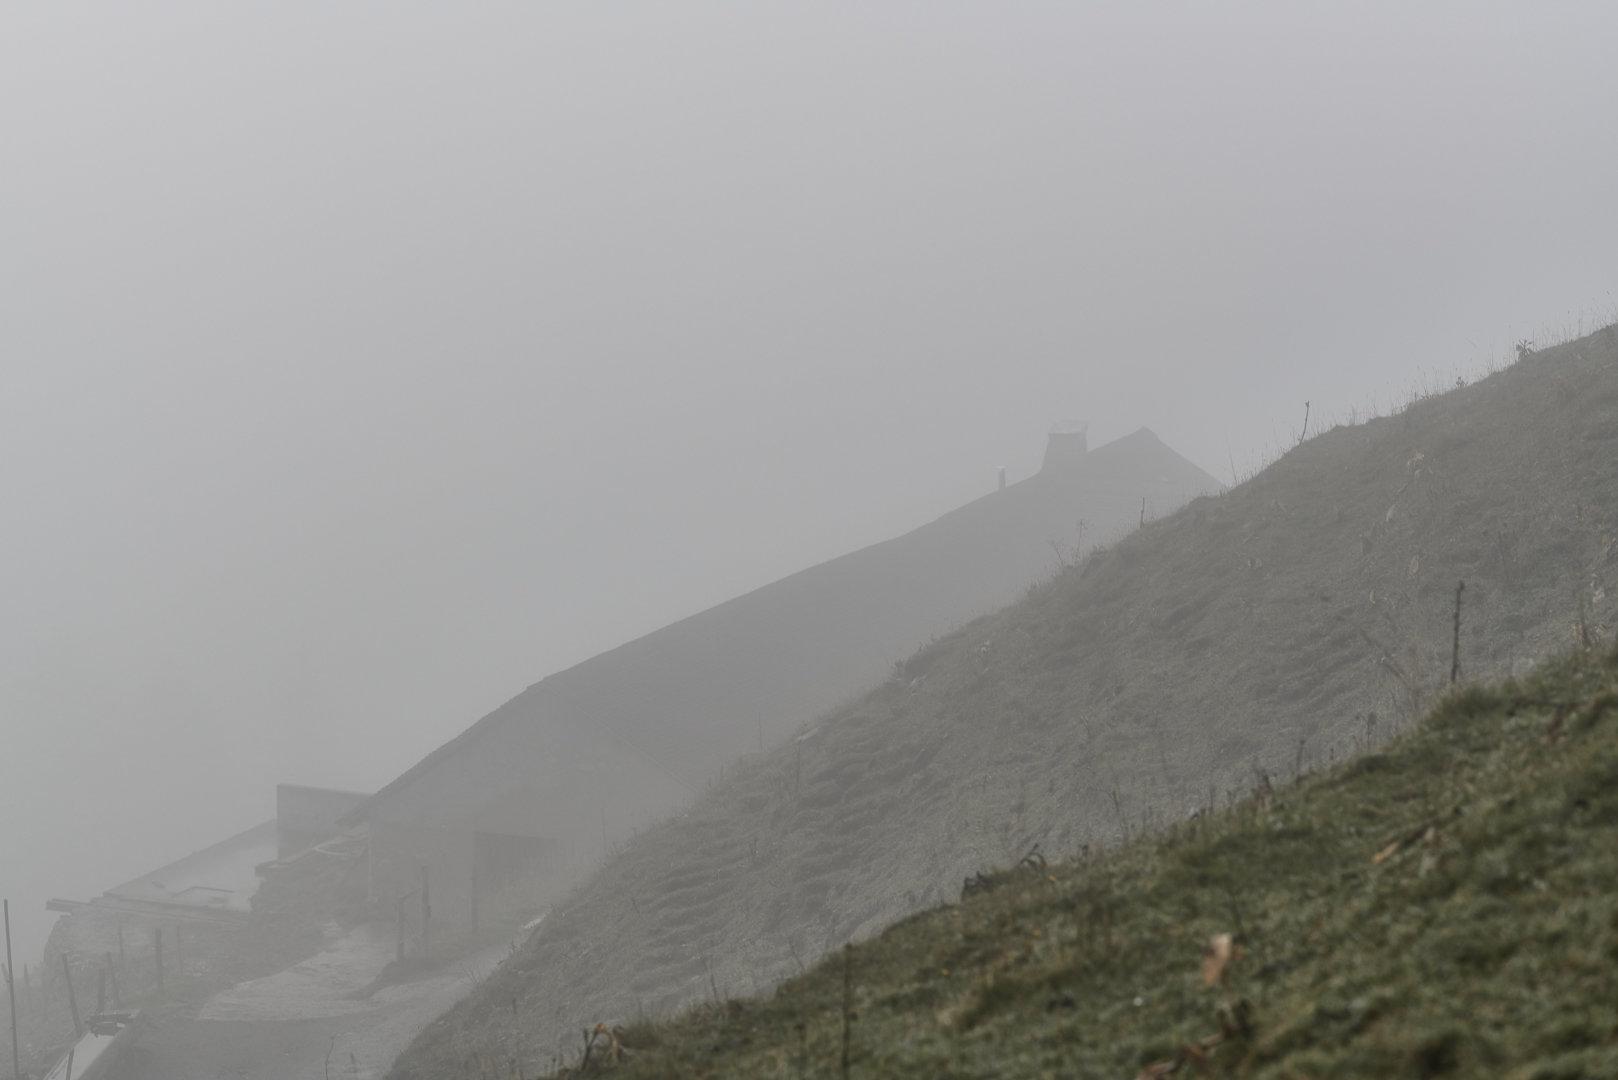 Brume de montagne, silence immuable, un aboiement au loin et le murmure des hommes affairés dans l'étable.